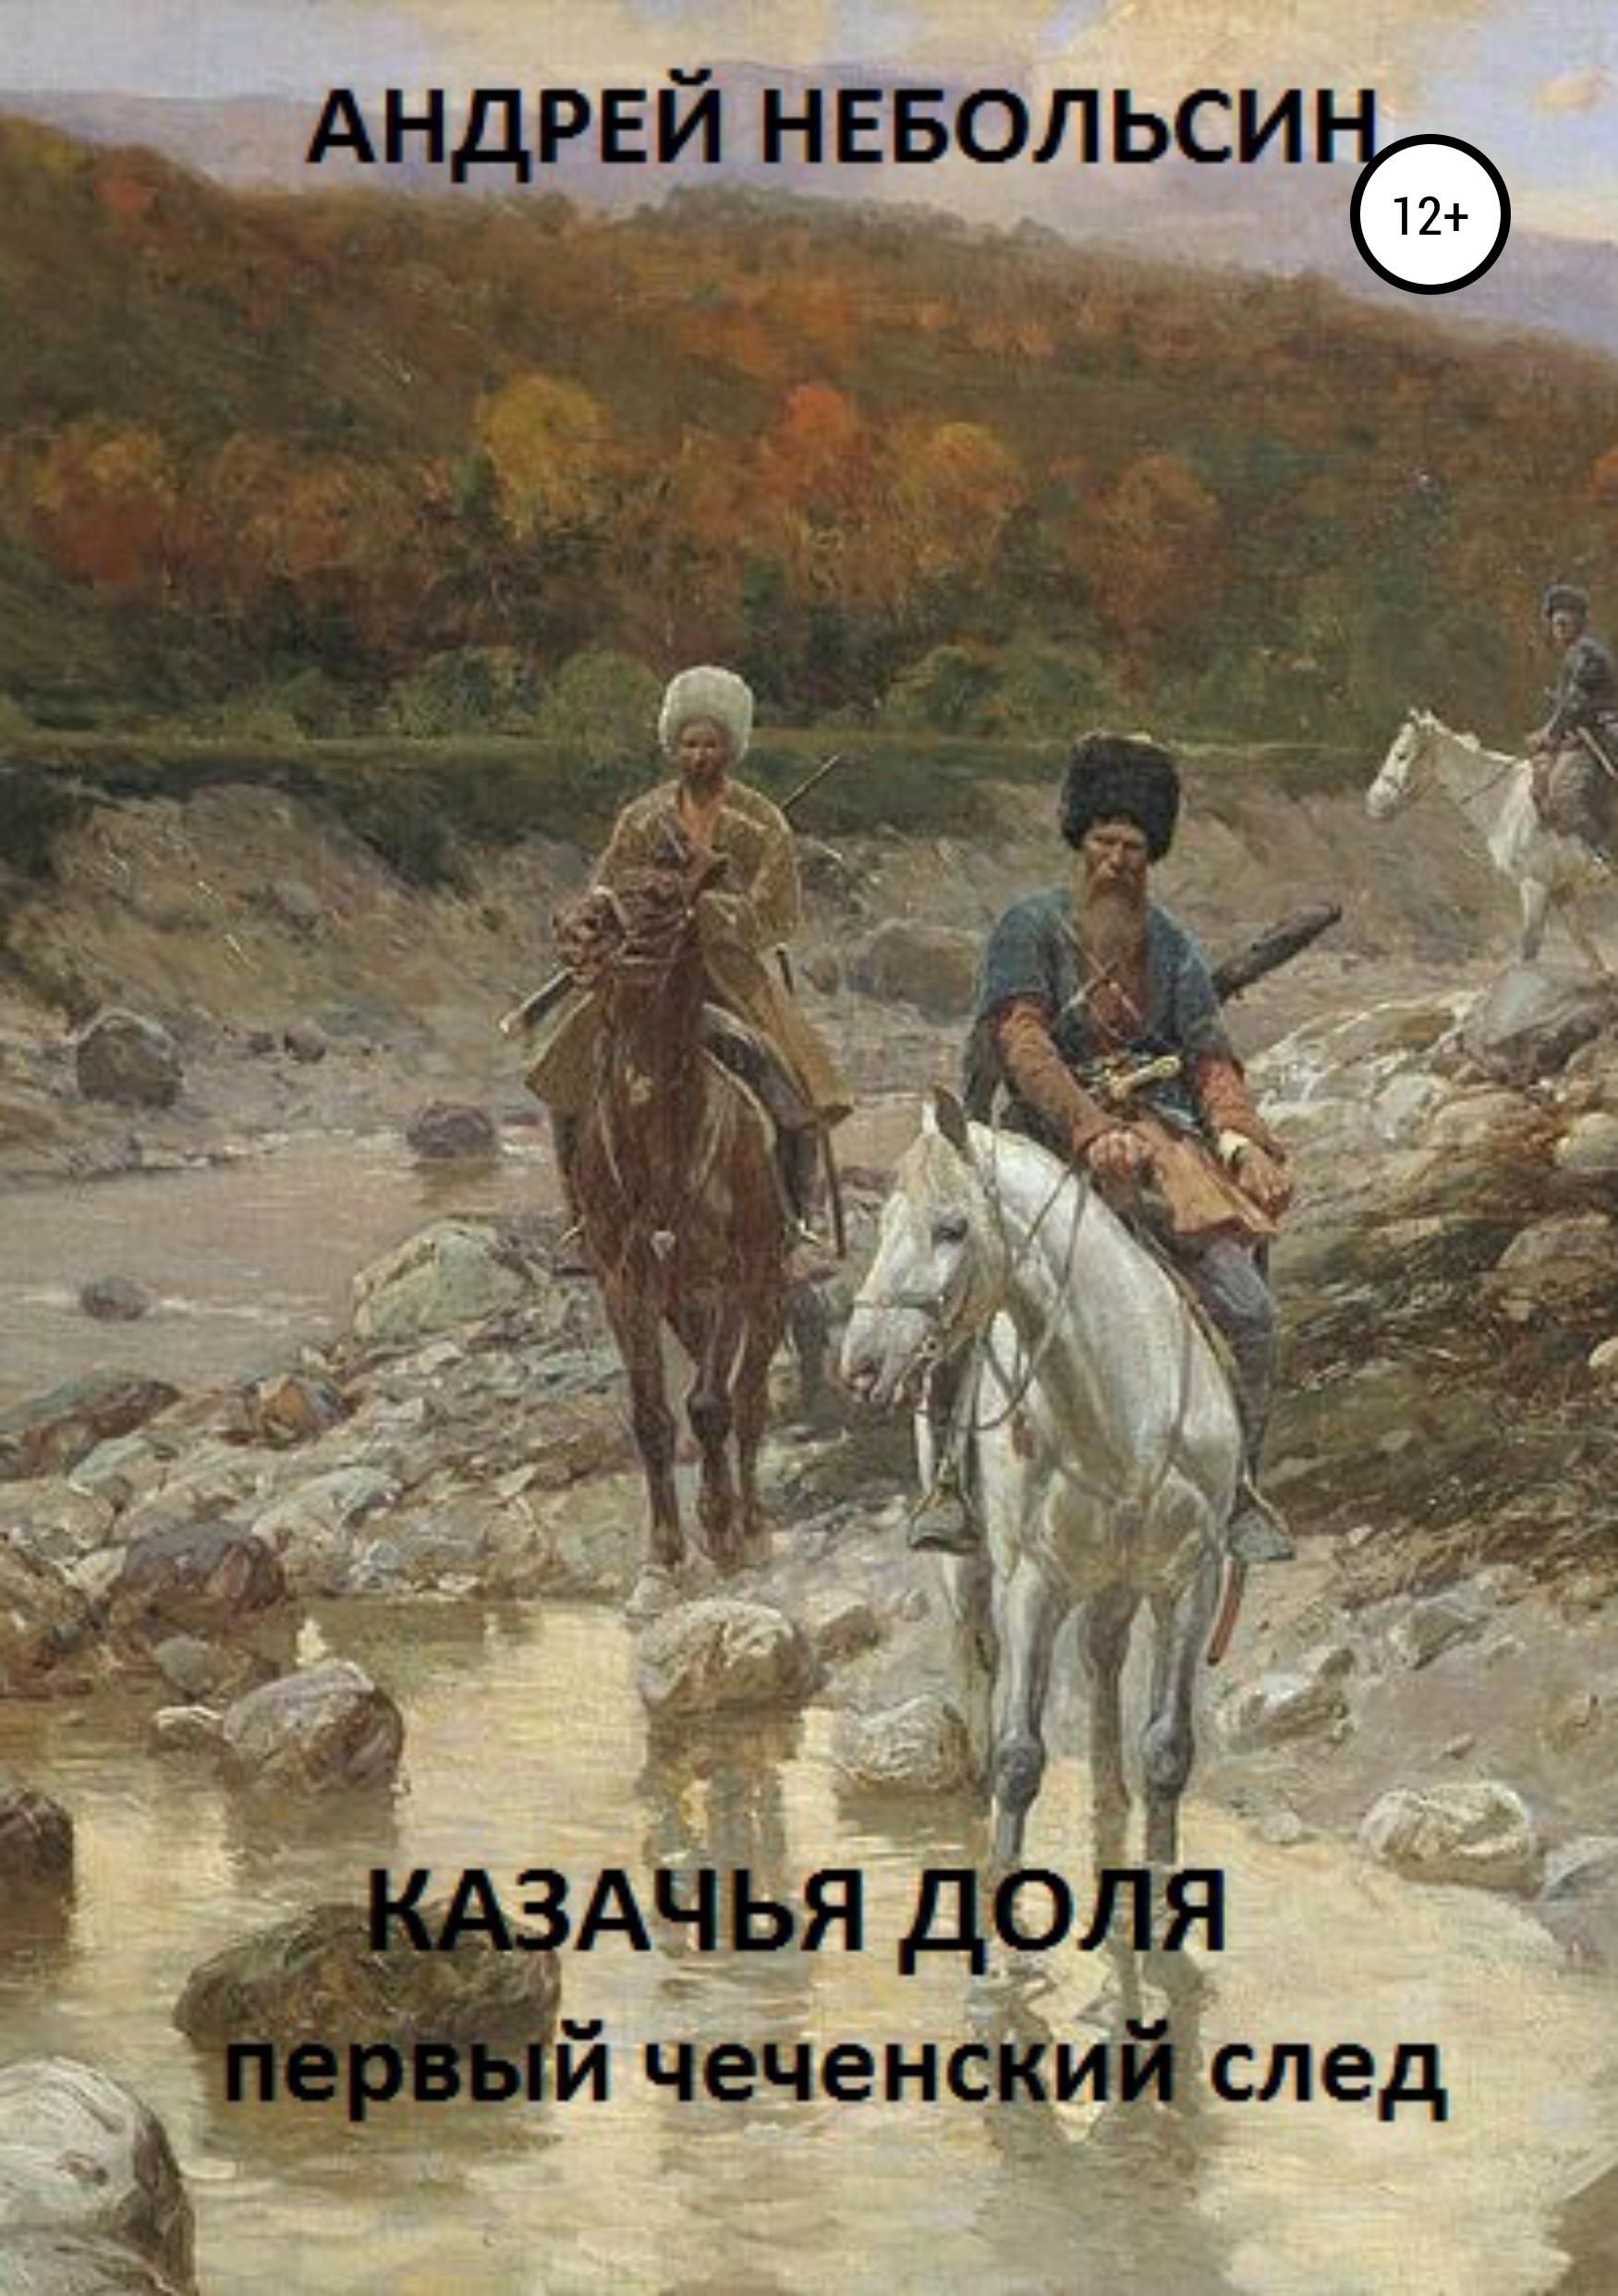 КАЗАЧЬЯ ДОЛЯ. Первый чеченский след